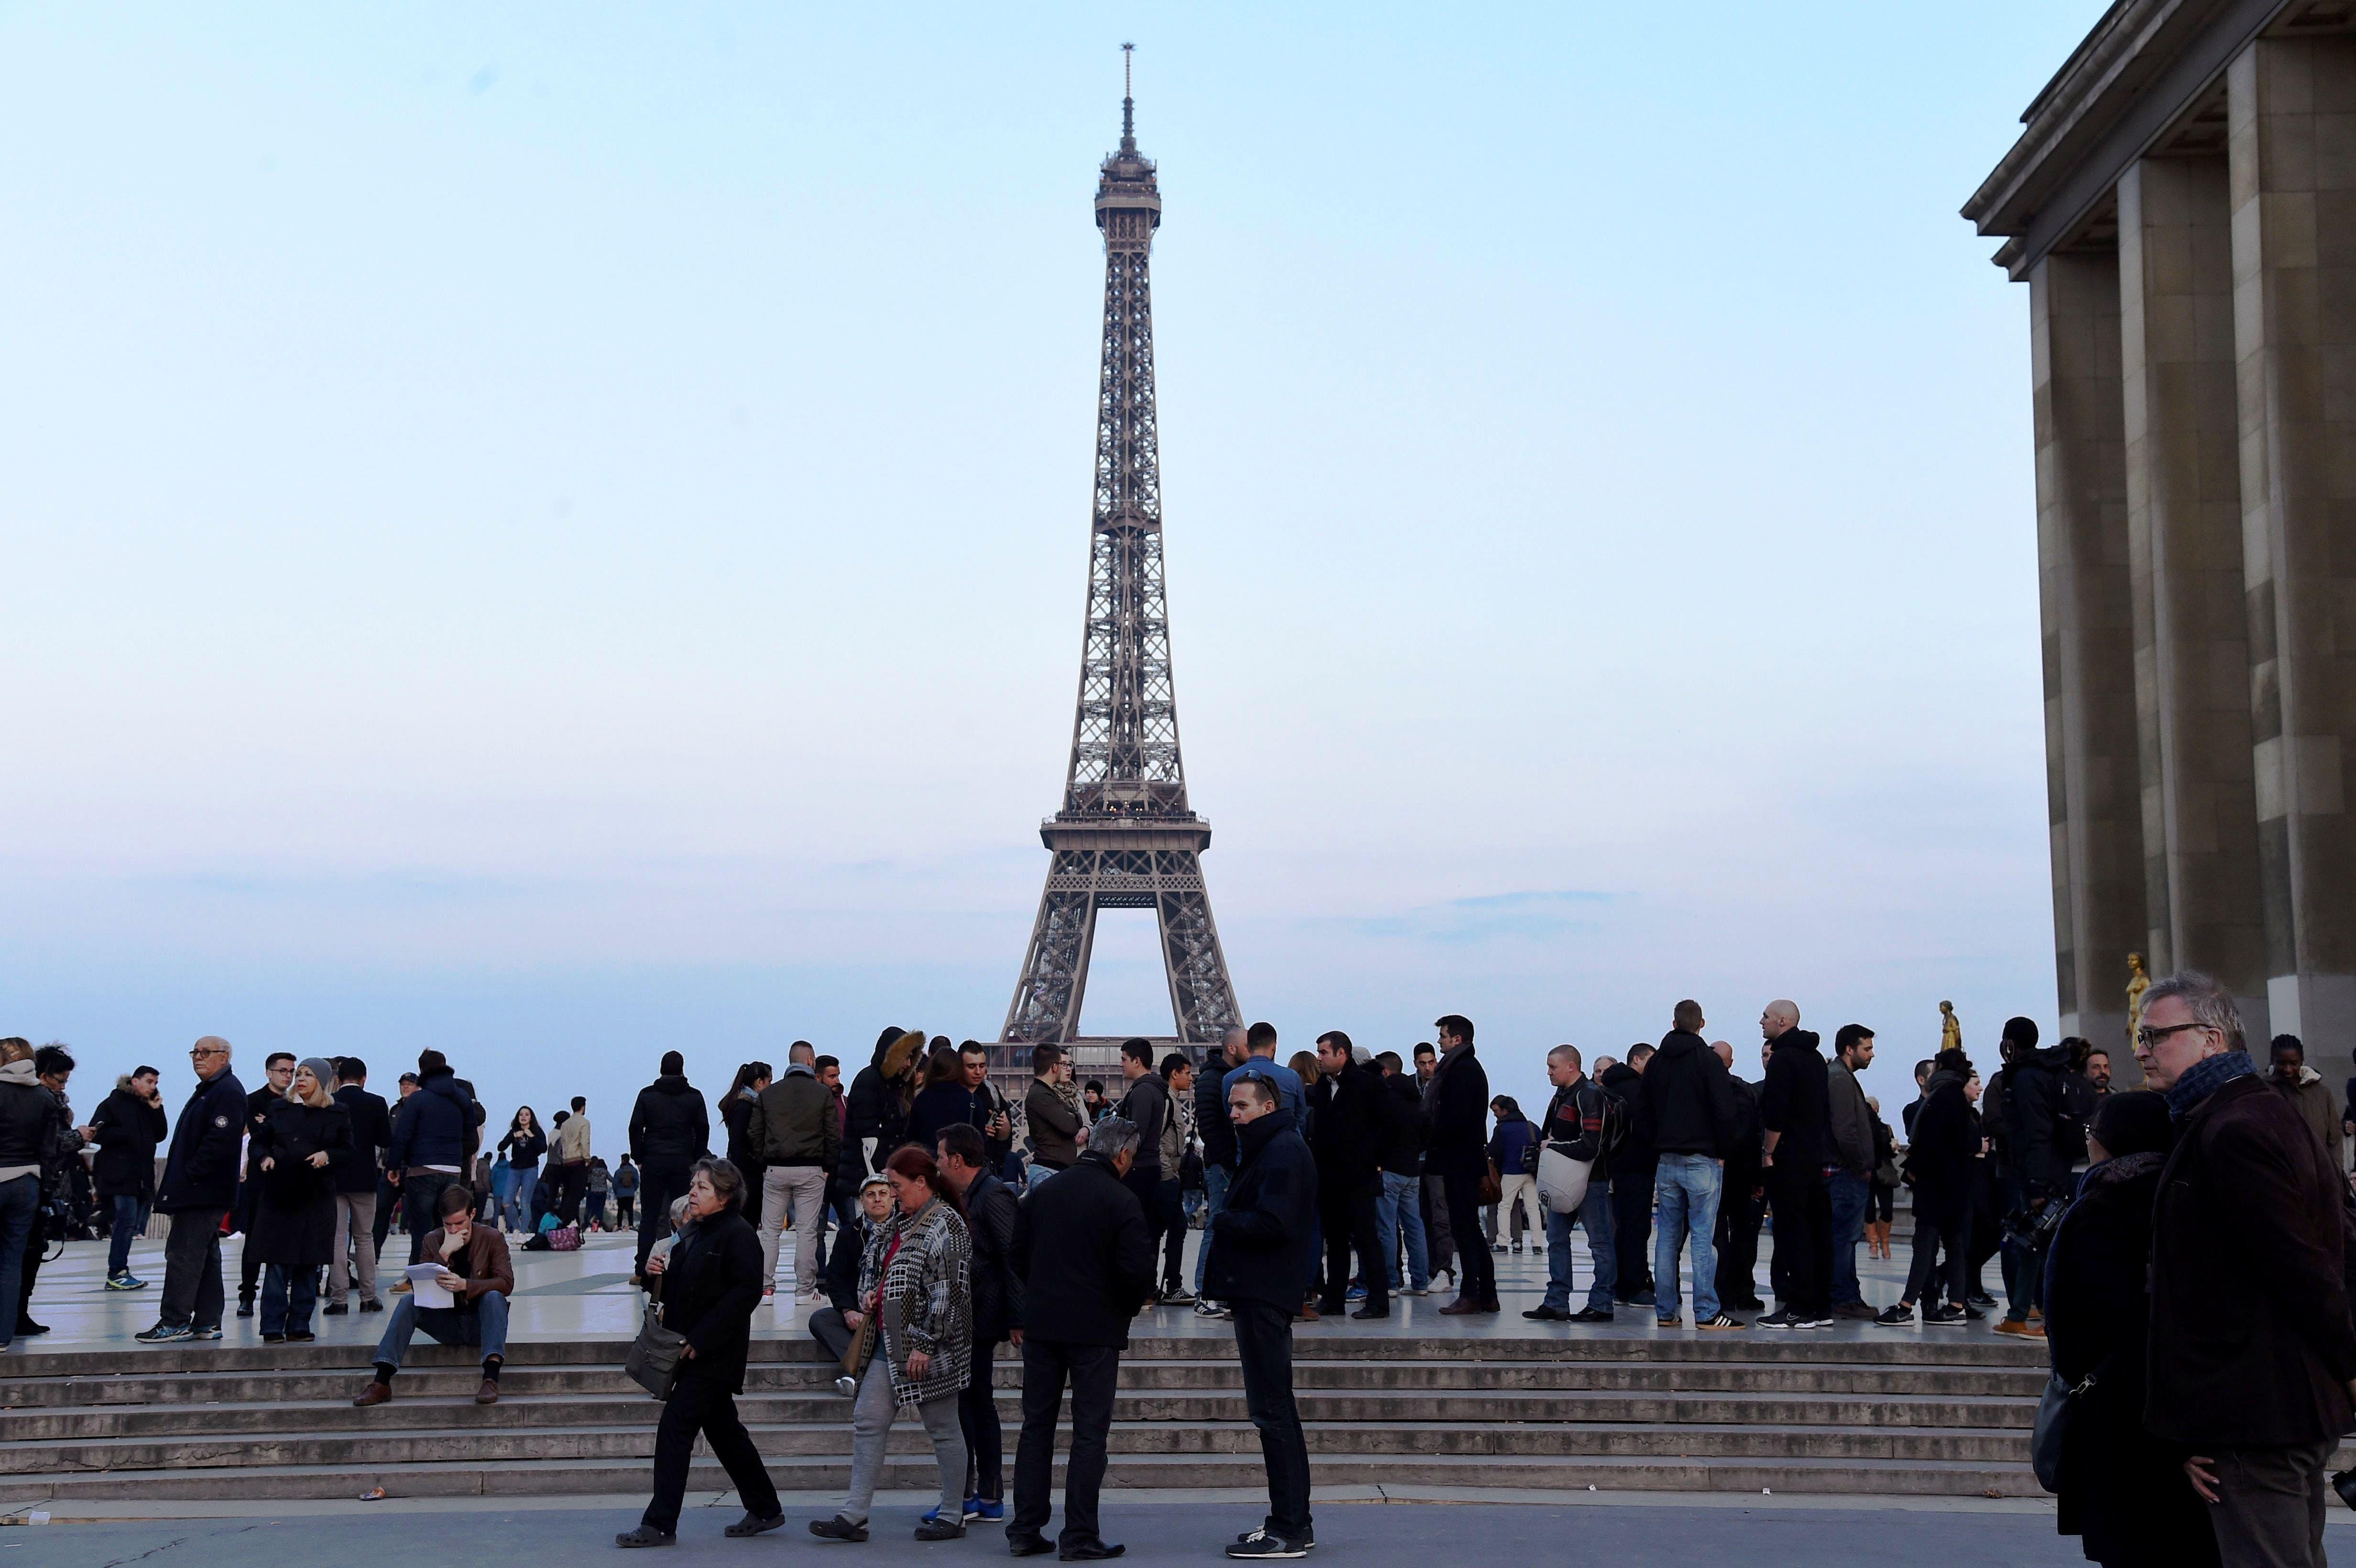 El tiroteo del jueves, que fue reivindicado por el grupo Estado Islámico, es el más reciente de una ola de atentados yihadistas que se ha ensañado con Francia en los últimos dos años y que se ha saldado con la muerte de más de 230 personas.